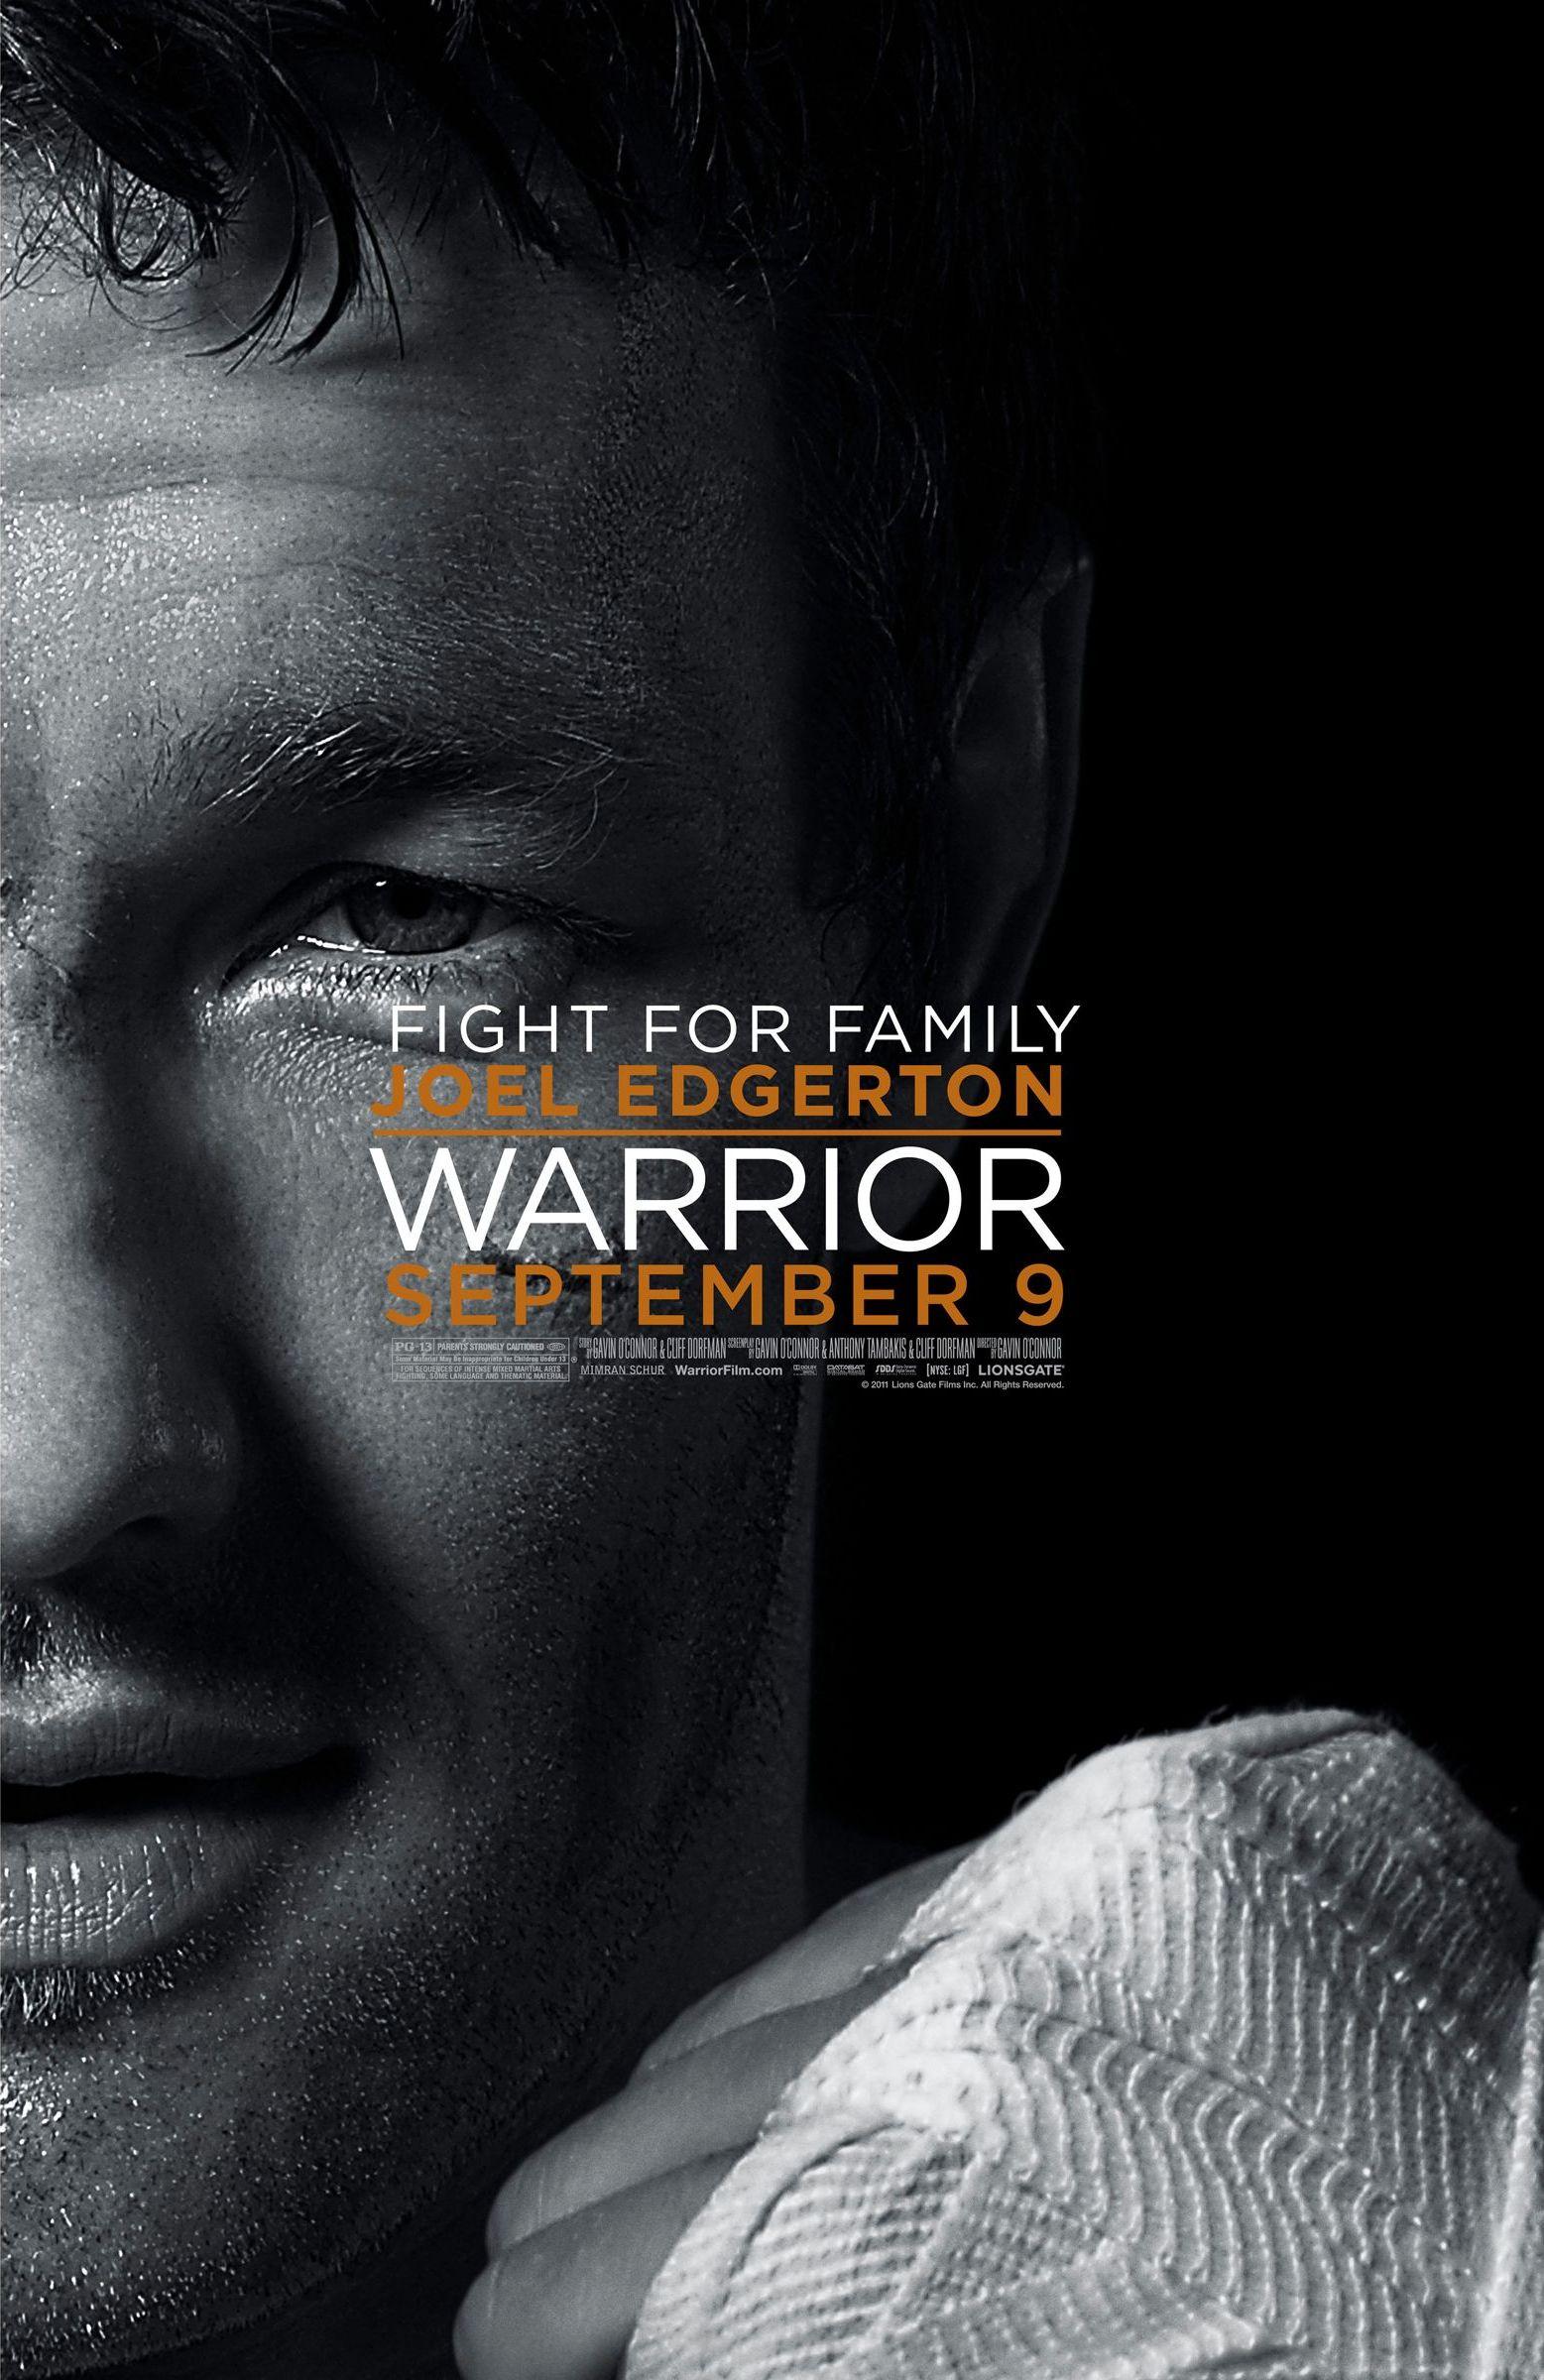 смотреть фильм 13 воин